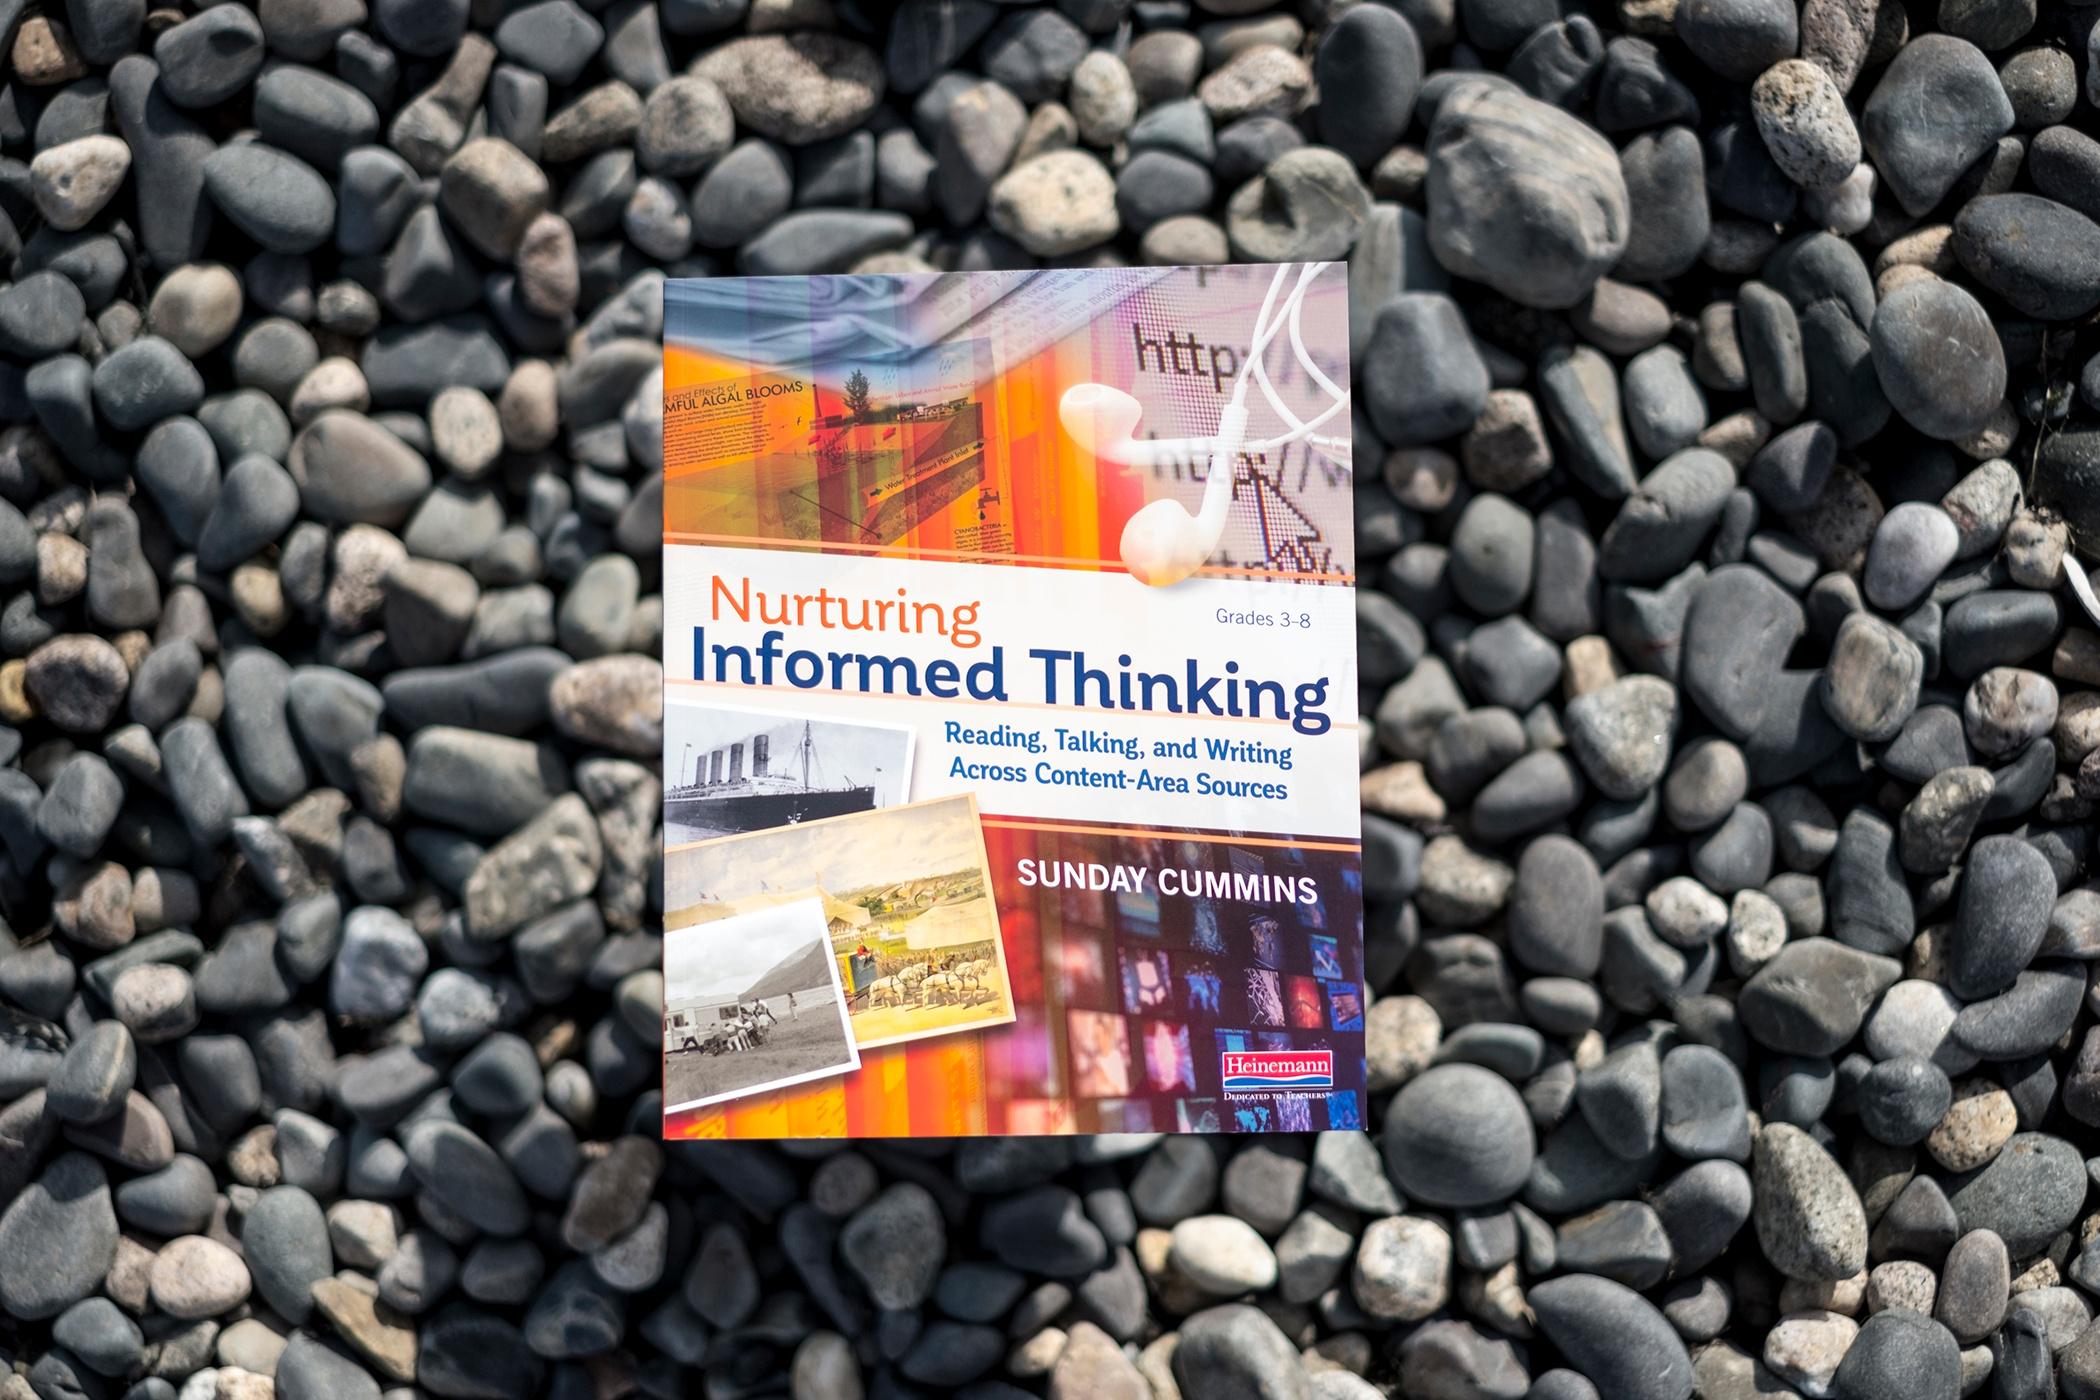 E09283_Cummins_Bookcover_3477.jpg